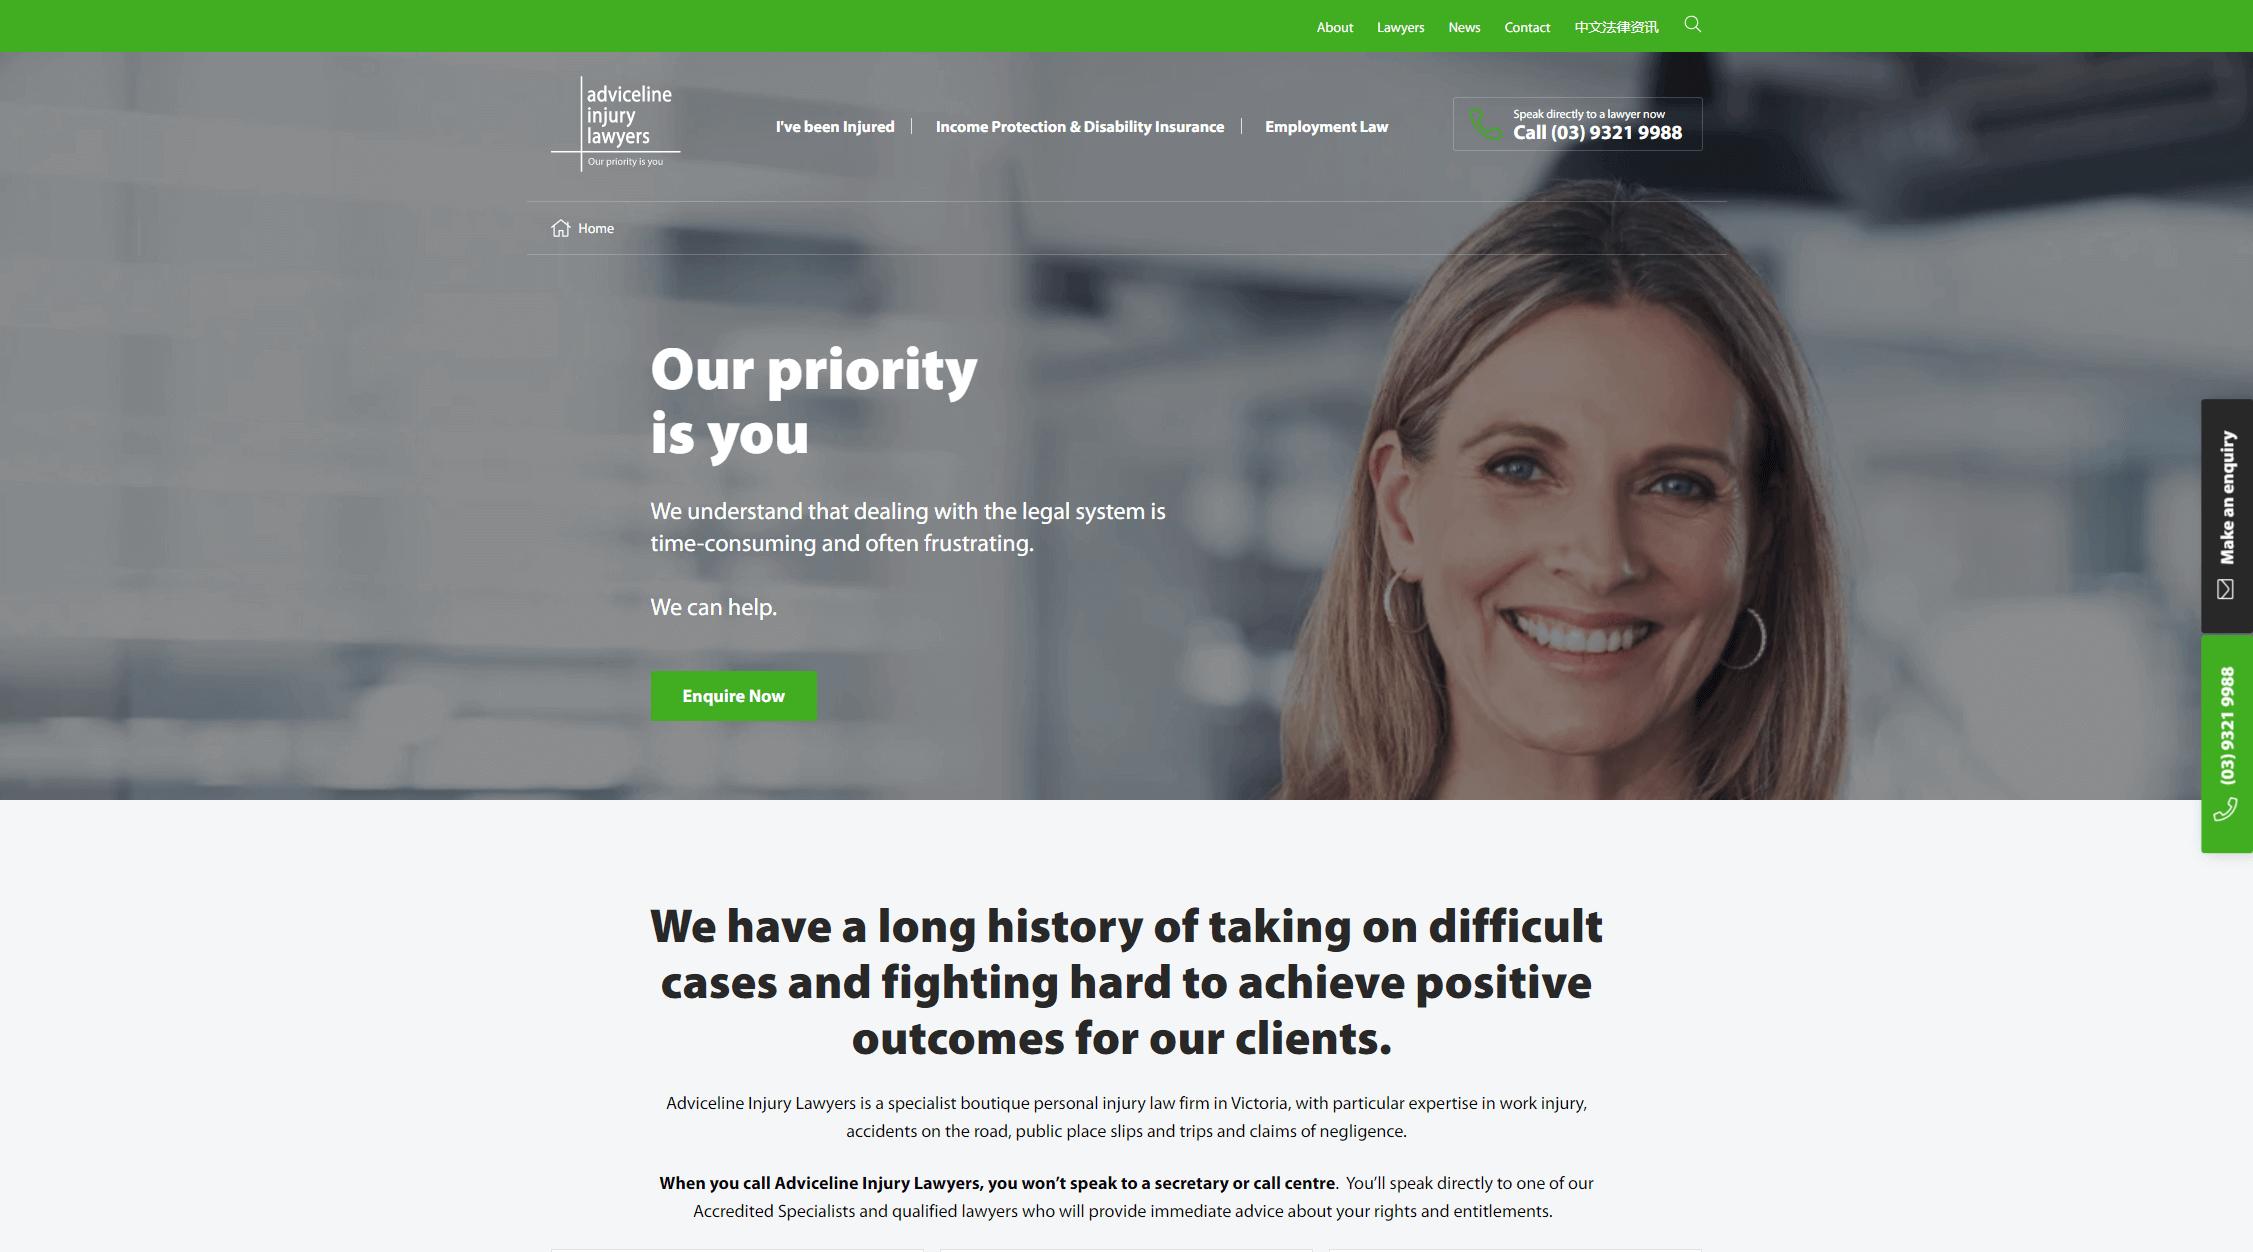 advicelineinjurylawyers.com.au